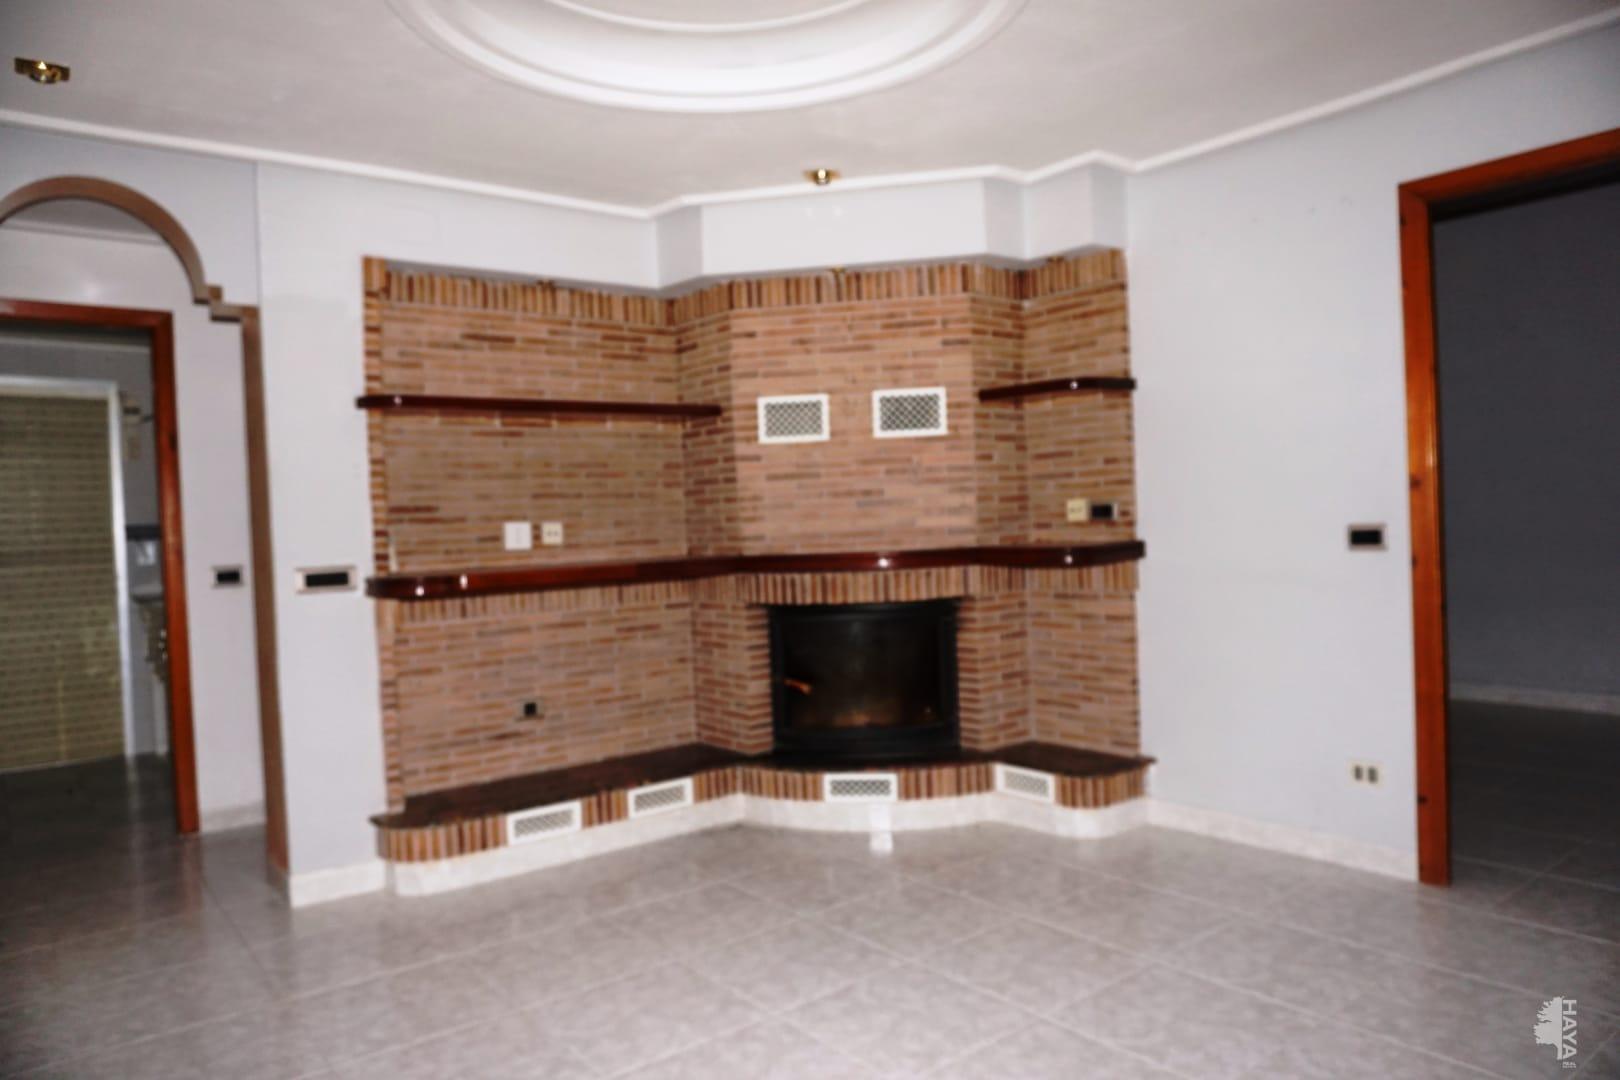 Piso en venta en El Punt del Cid, Almenara, Castellón, Calle Vall D`uixo, 55.000 €, 4 habitaciones, 1 baño, 109 m2